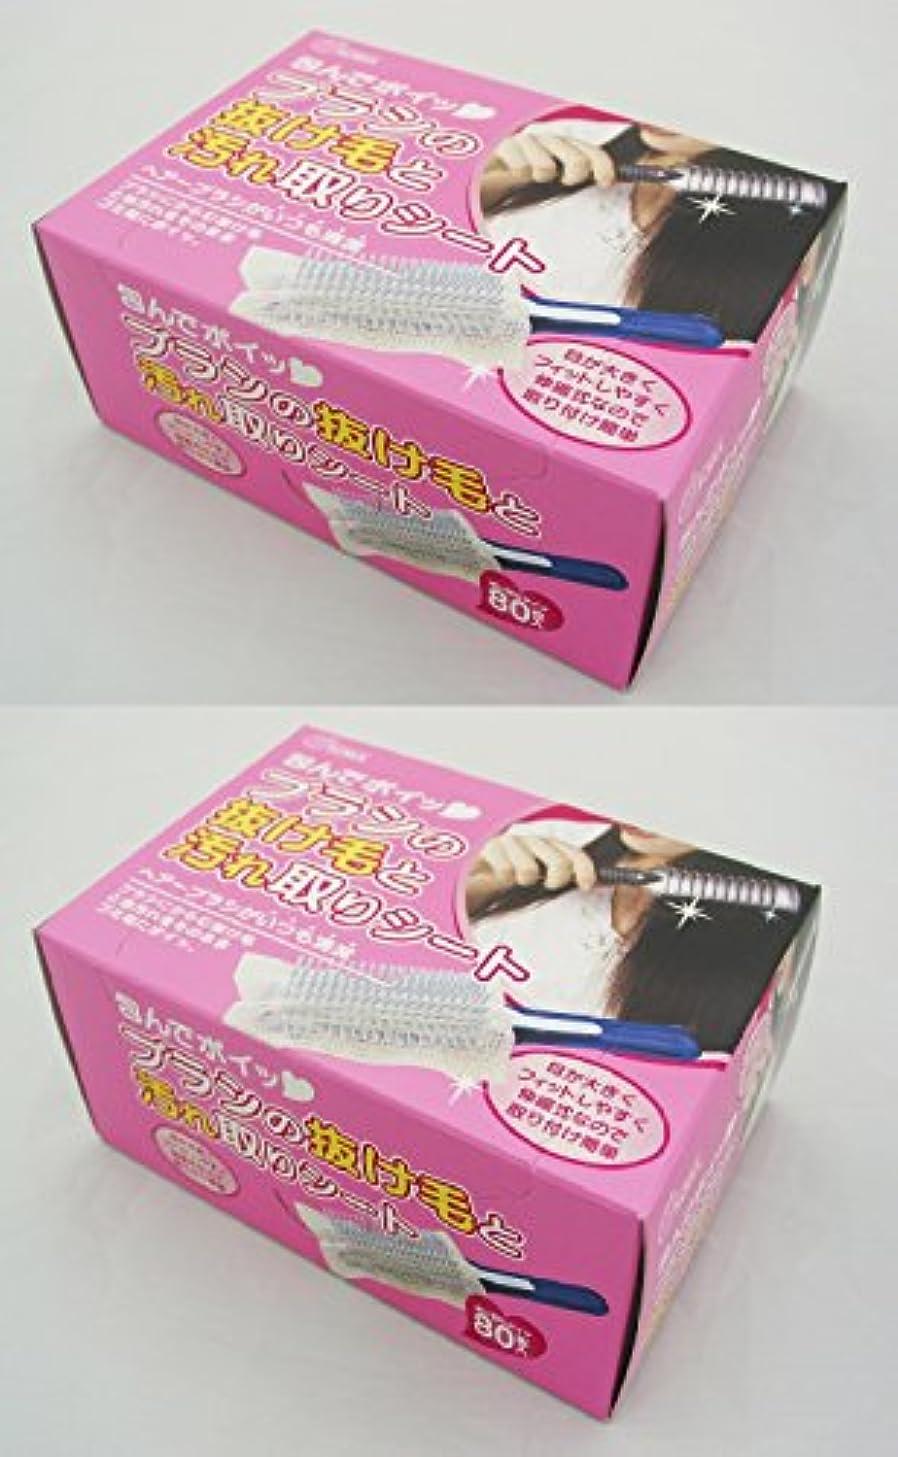 発行する特許塊ブラシの抜け毛と汚れ取りシート 80枚入 (2個)